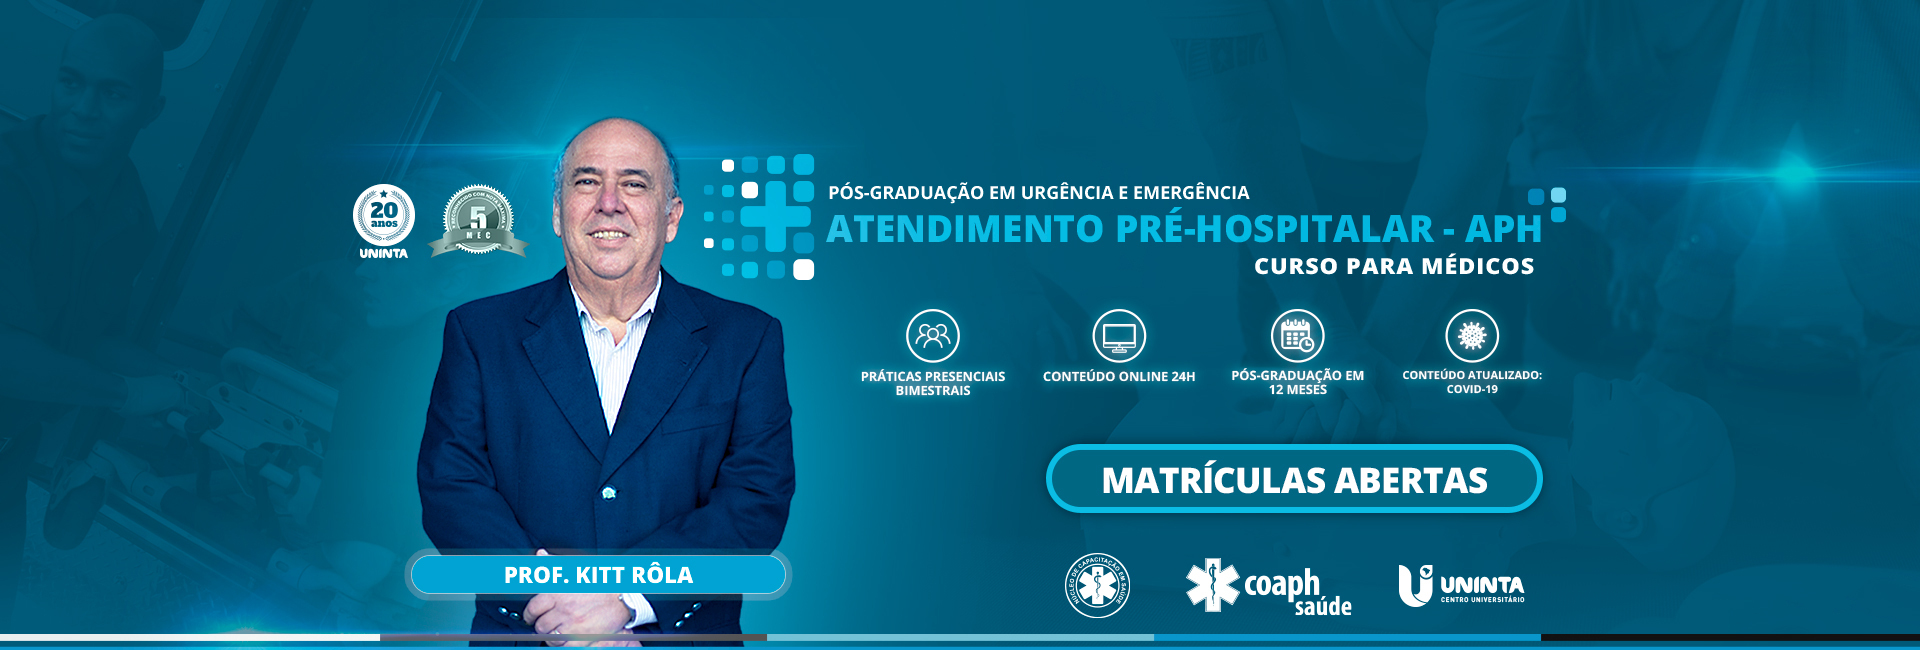 Testeira_Site_para_Médicos (2)